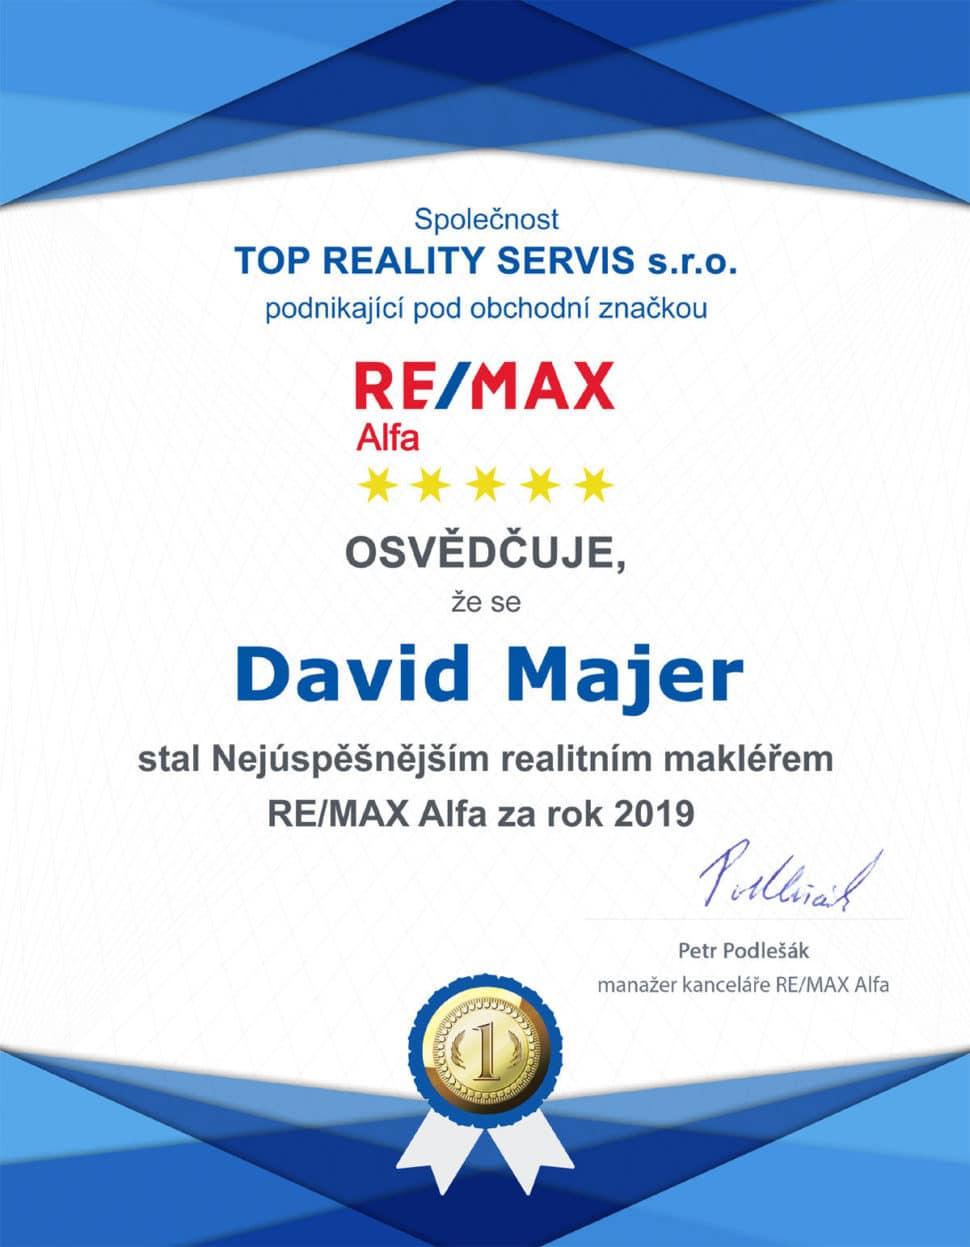 David Majer nejlepší makléř RE(MAX Alfa 2019